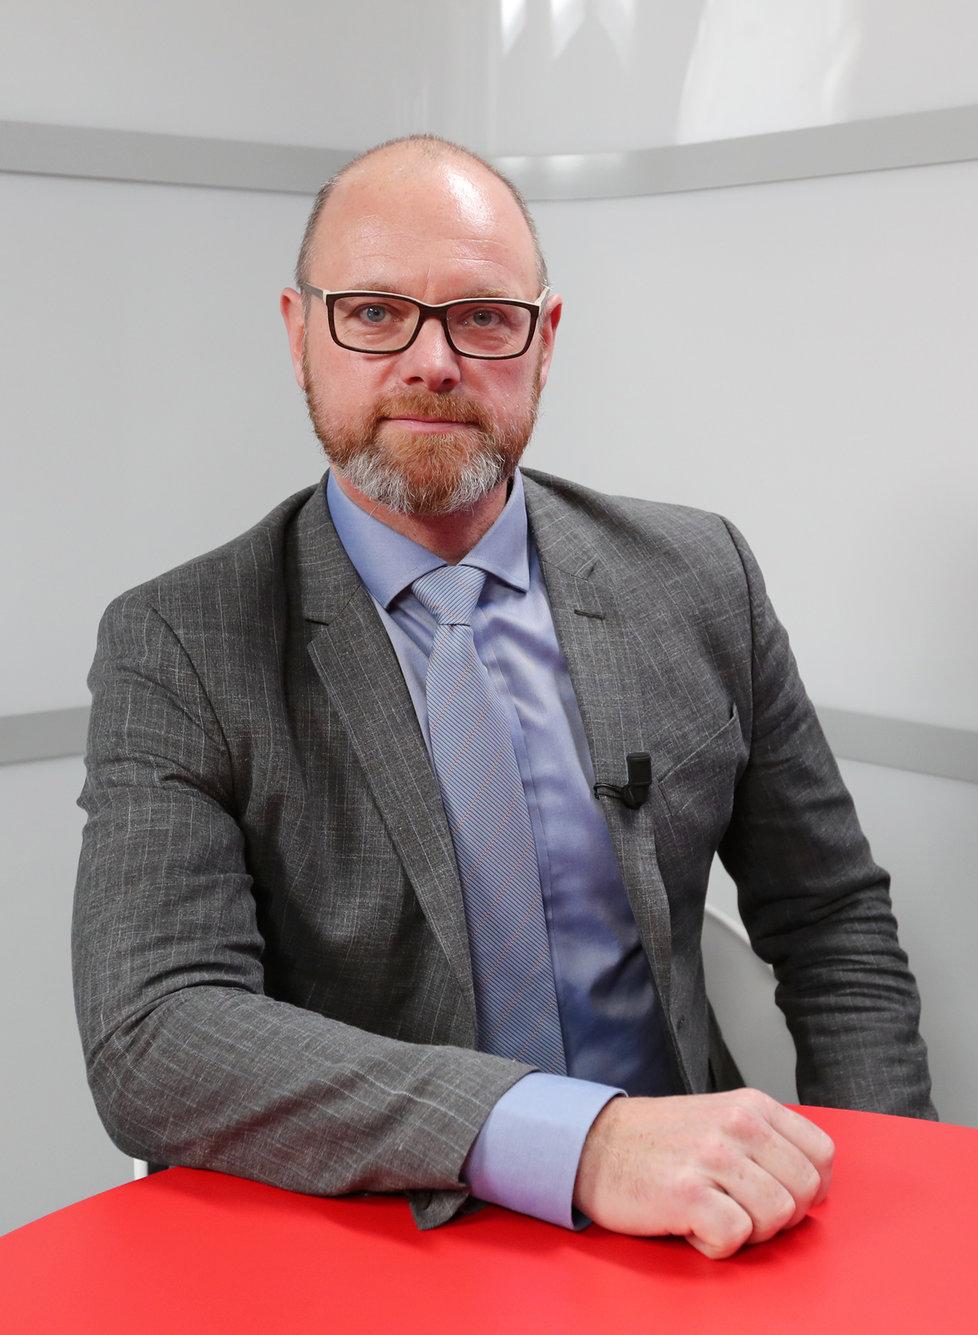 Ministr školství Robert Plaga (ANO) byl hostem Epicentra v den, kdy byly uzavřeny základní až vysoké školy v Česku kvůli koronaviru (11. 3. 2020).